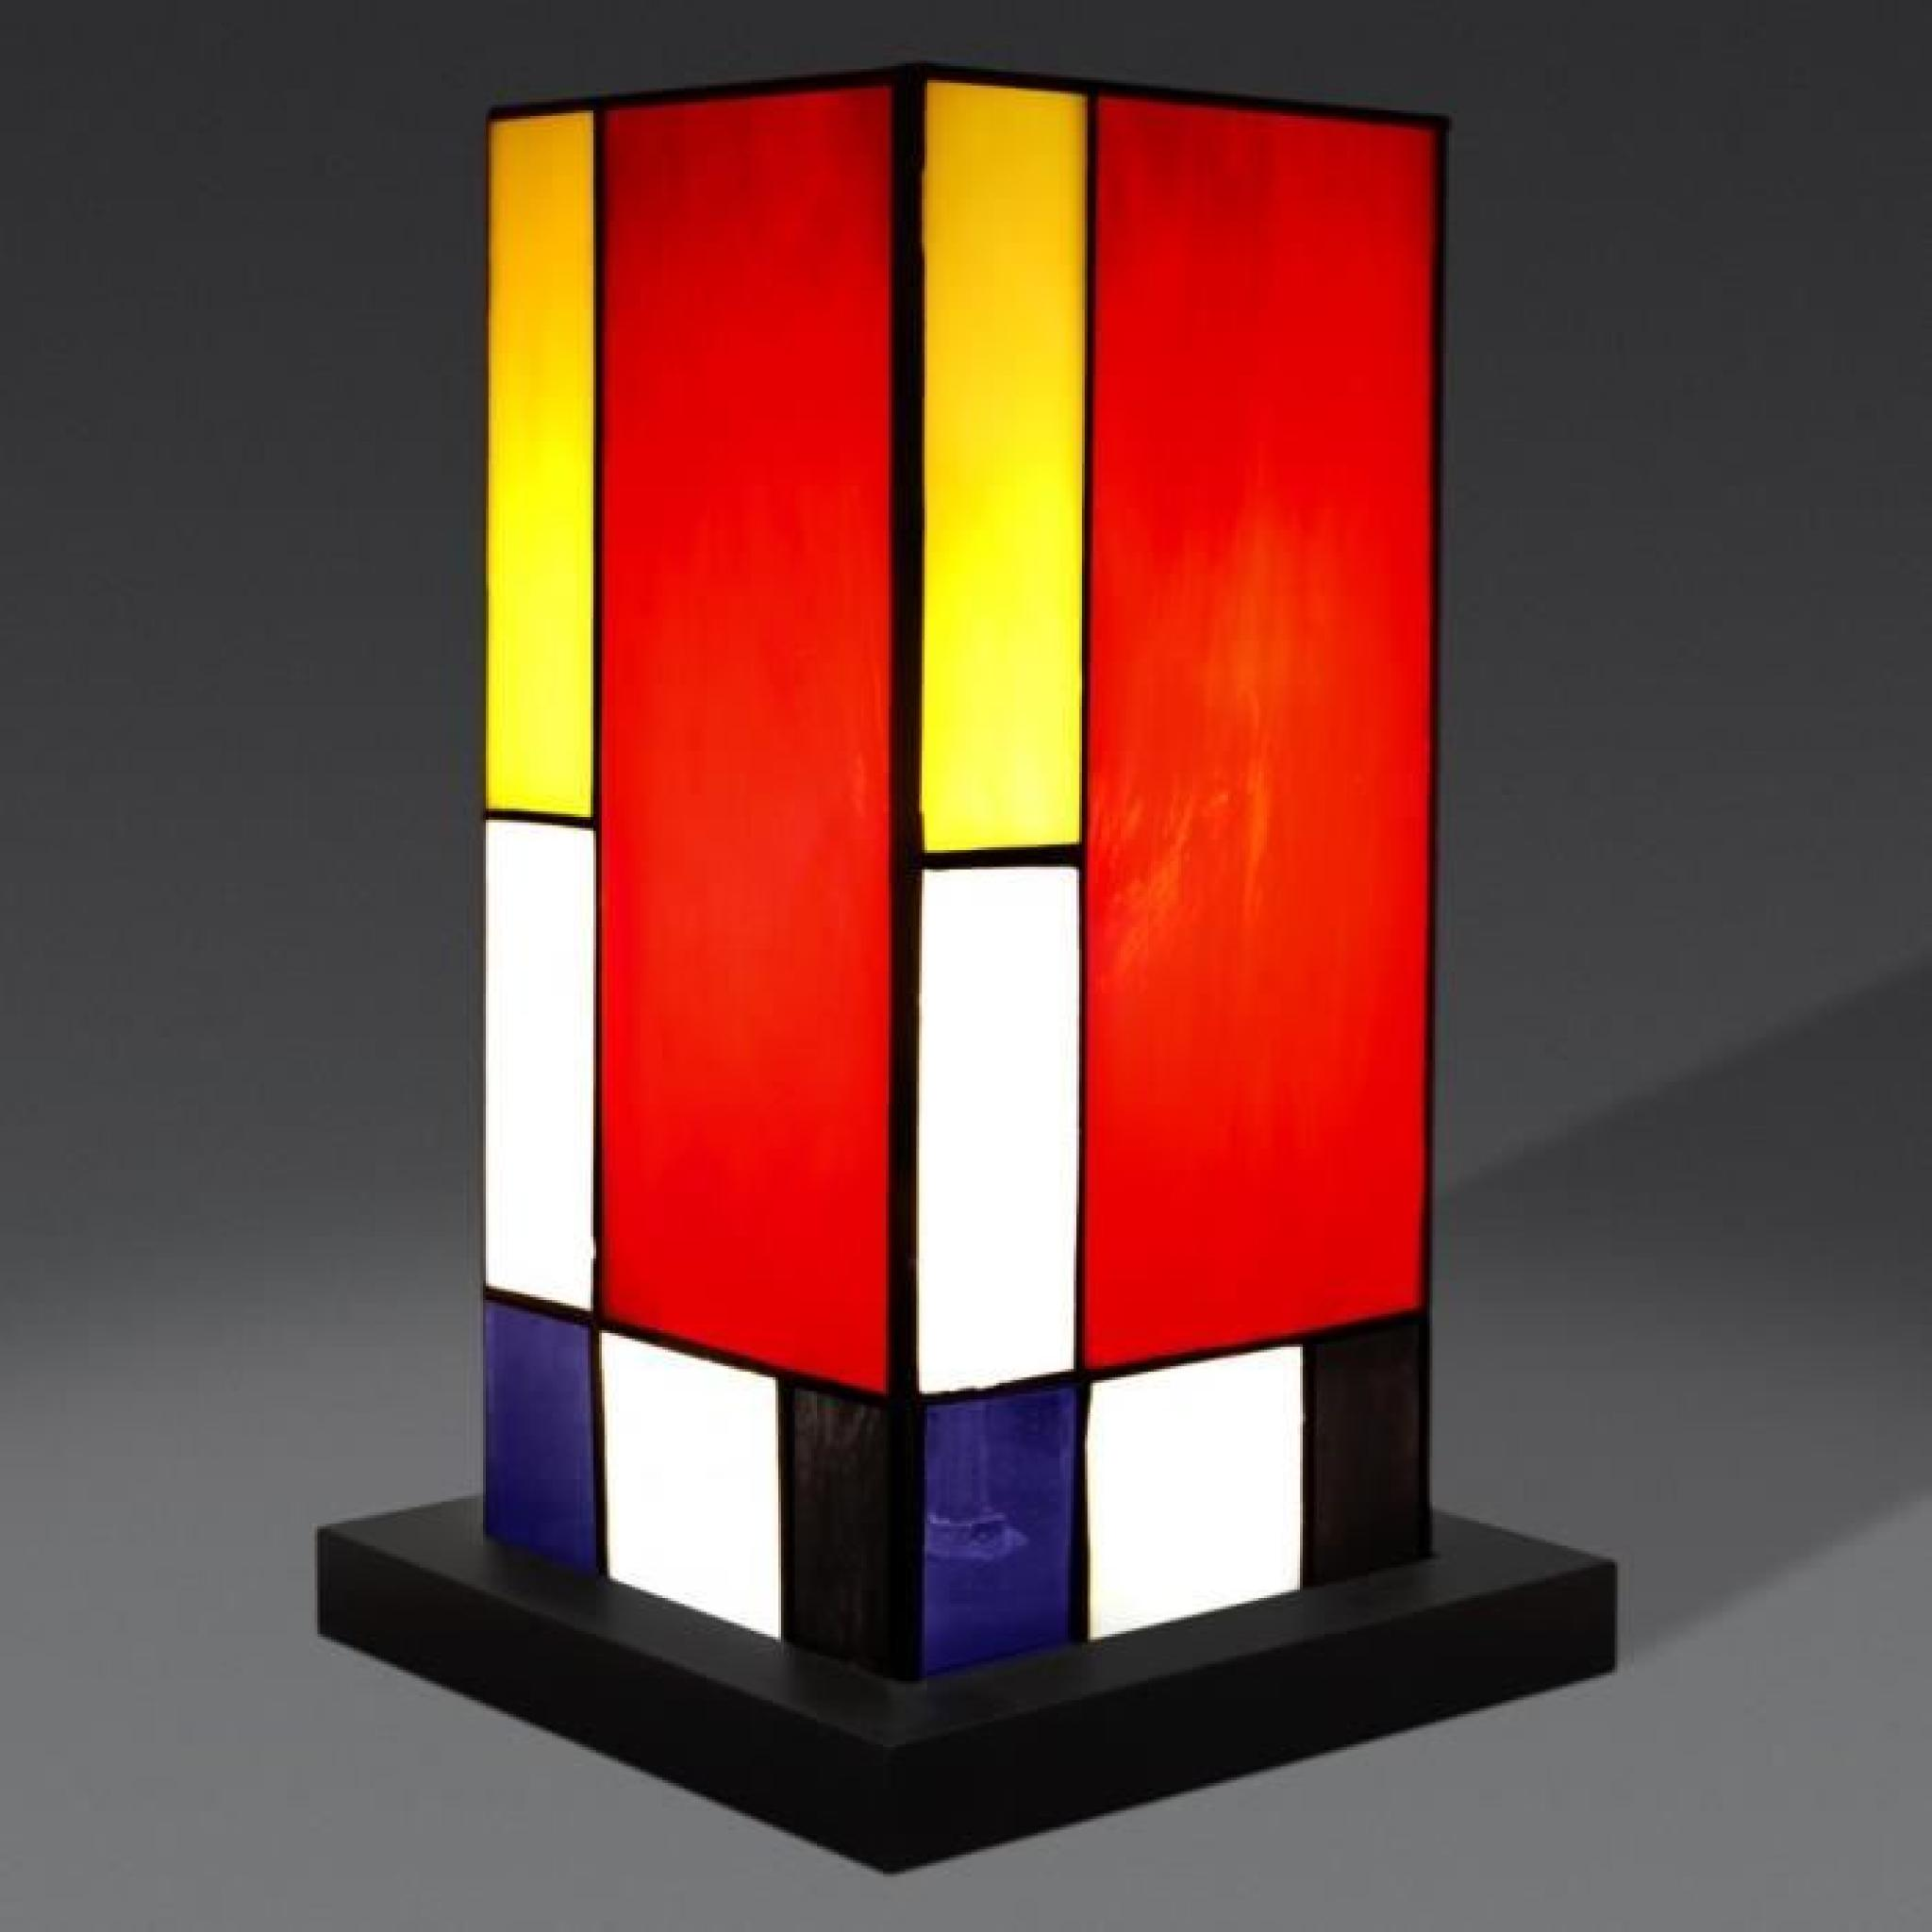 chevet mondrian a colonne lampe de chevet avec abat jour de verre soud de style tiffany et base. Black Bedroom Furniture Sets. Home Design Ideas